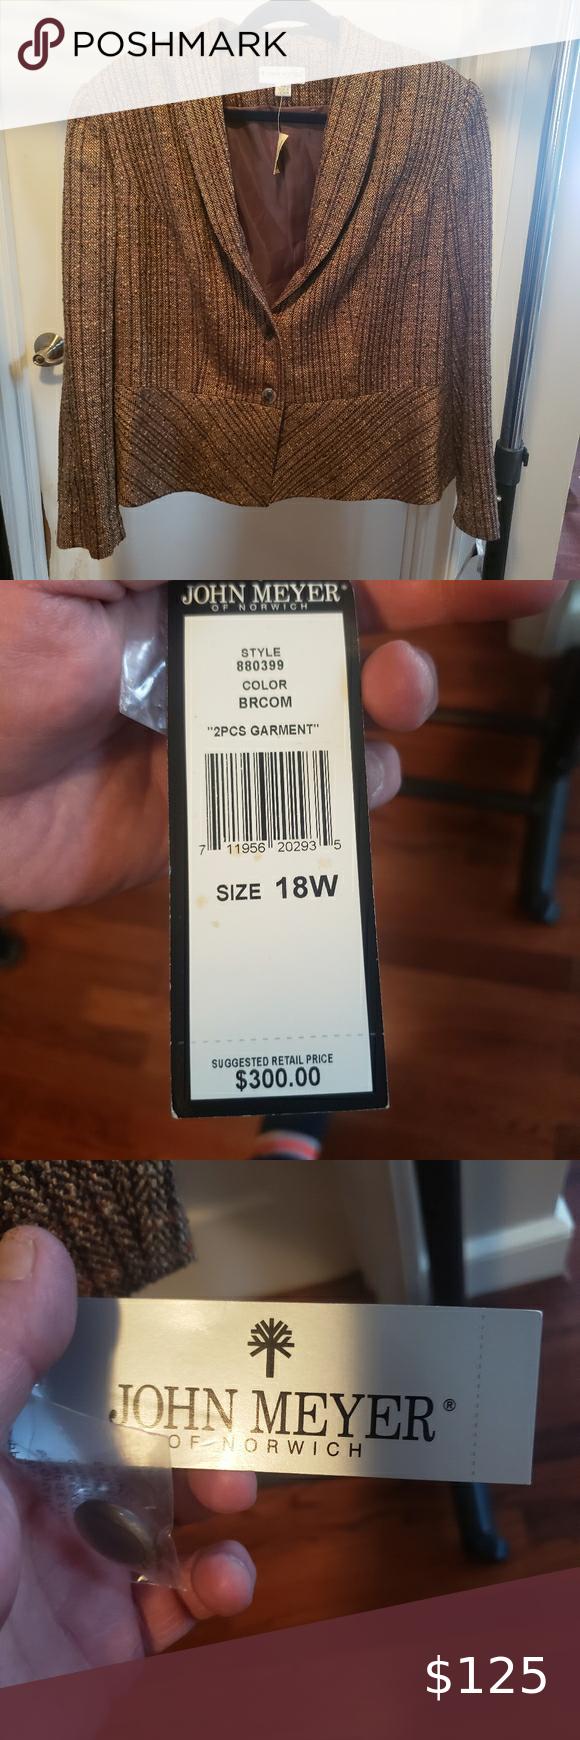 JOHN MEYER OF NORWICH JACKET in 2020   John meyer, Jackets ...